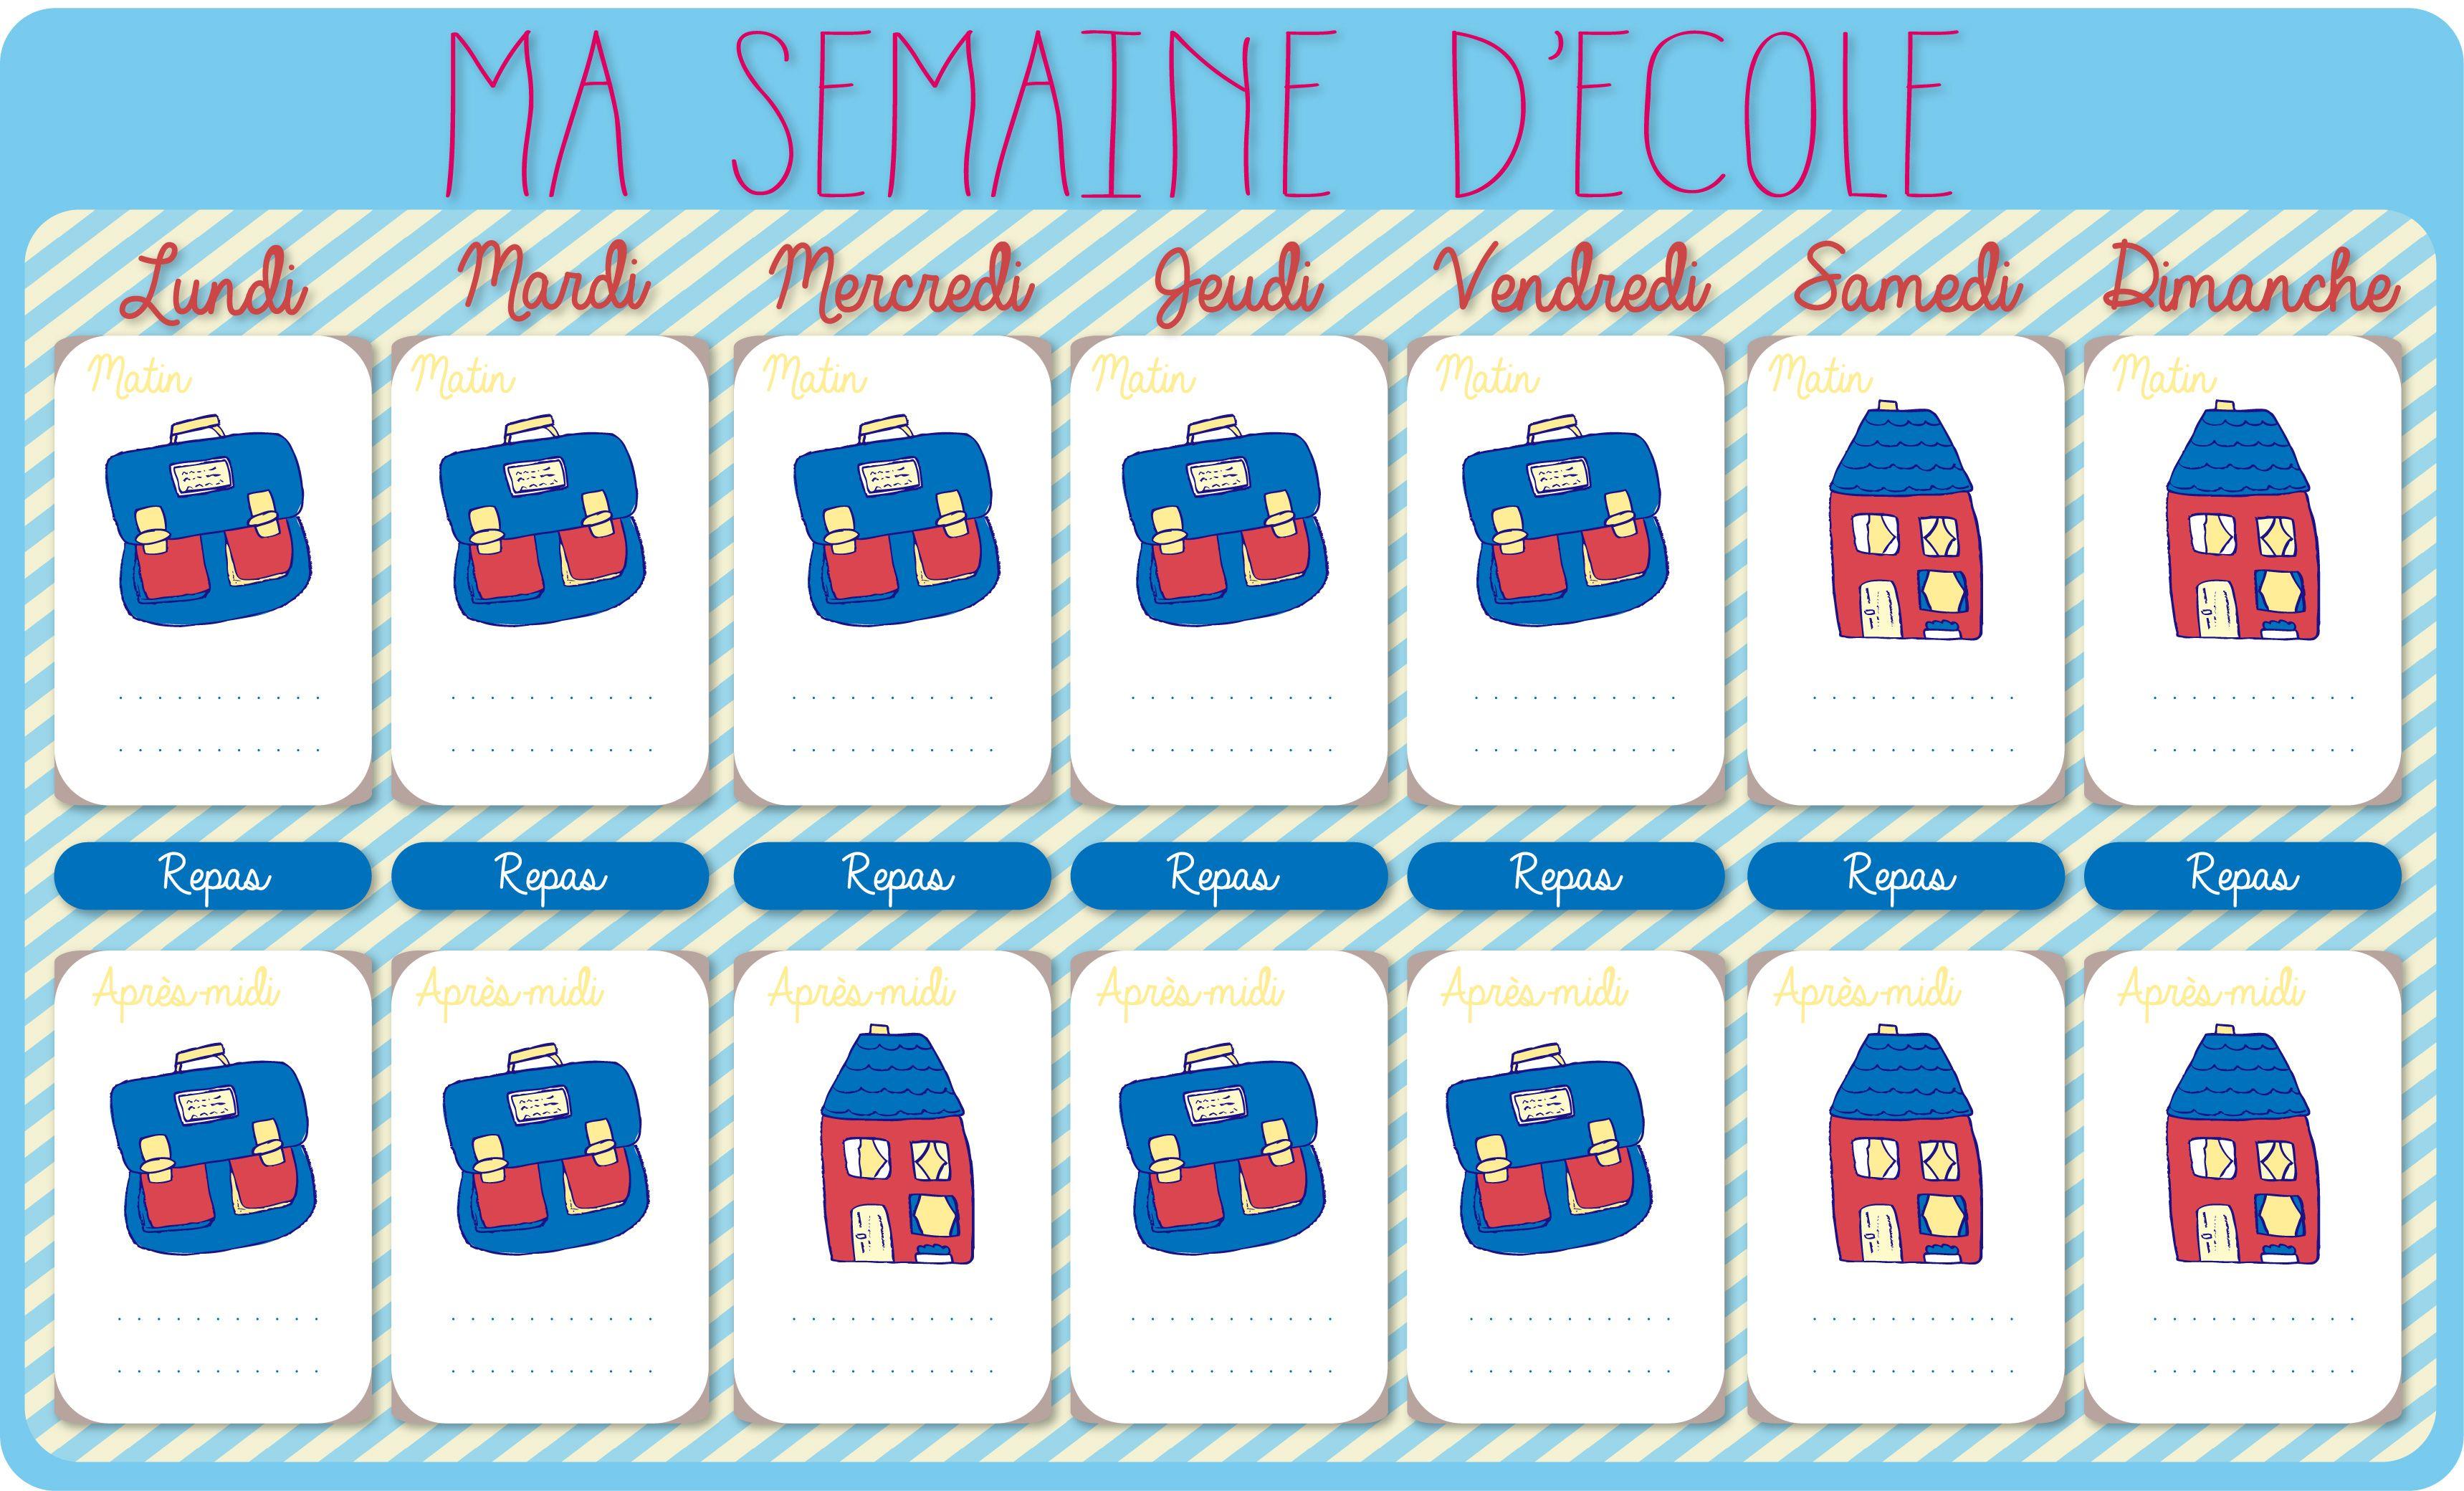 le calendrier de la semaine d 39 cole imprimer cadeau calendrier des semaines le calendrier. Black Bedroom Furniture Sets. Home Design Ideas